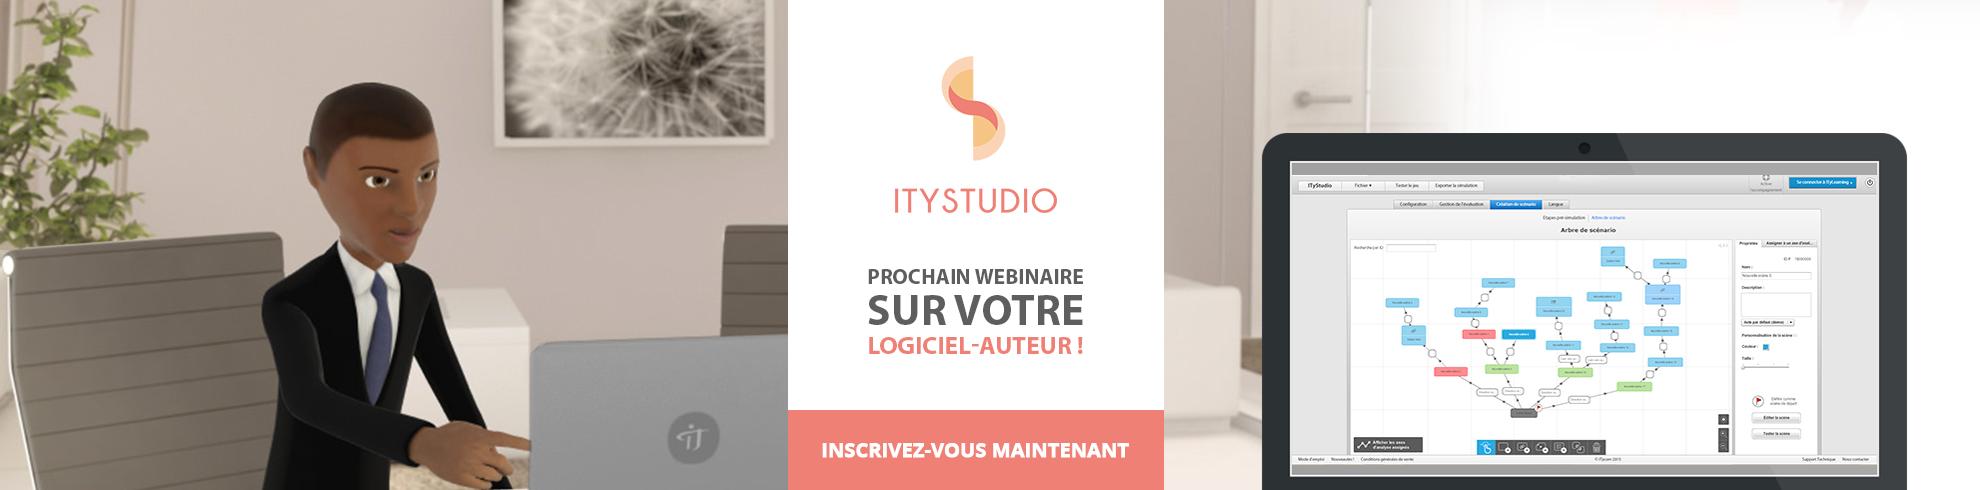 Webinaire ITyStudio